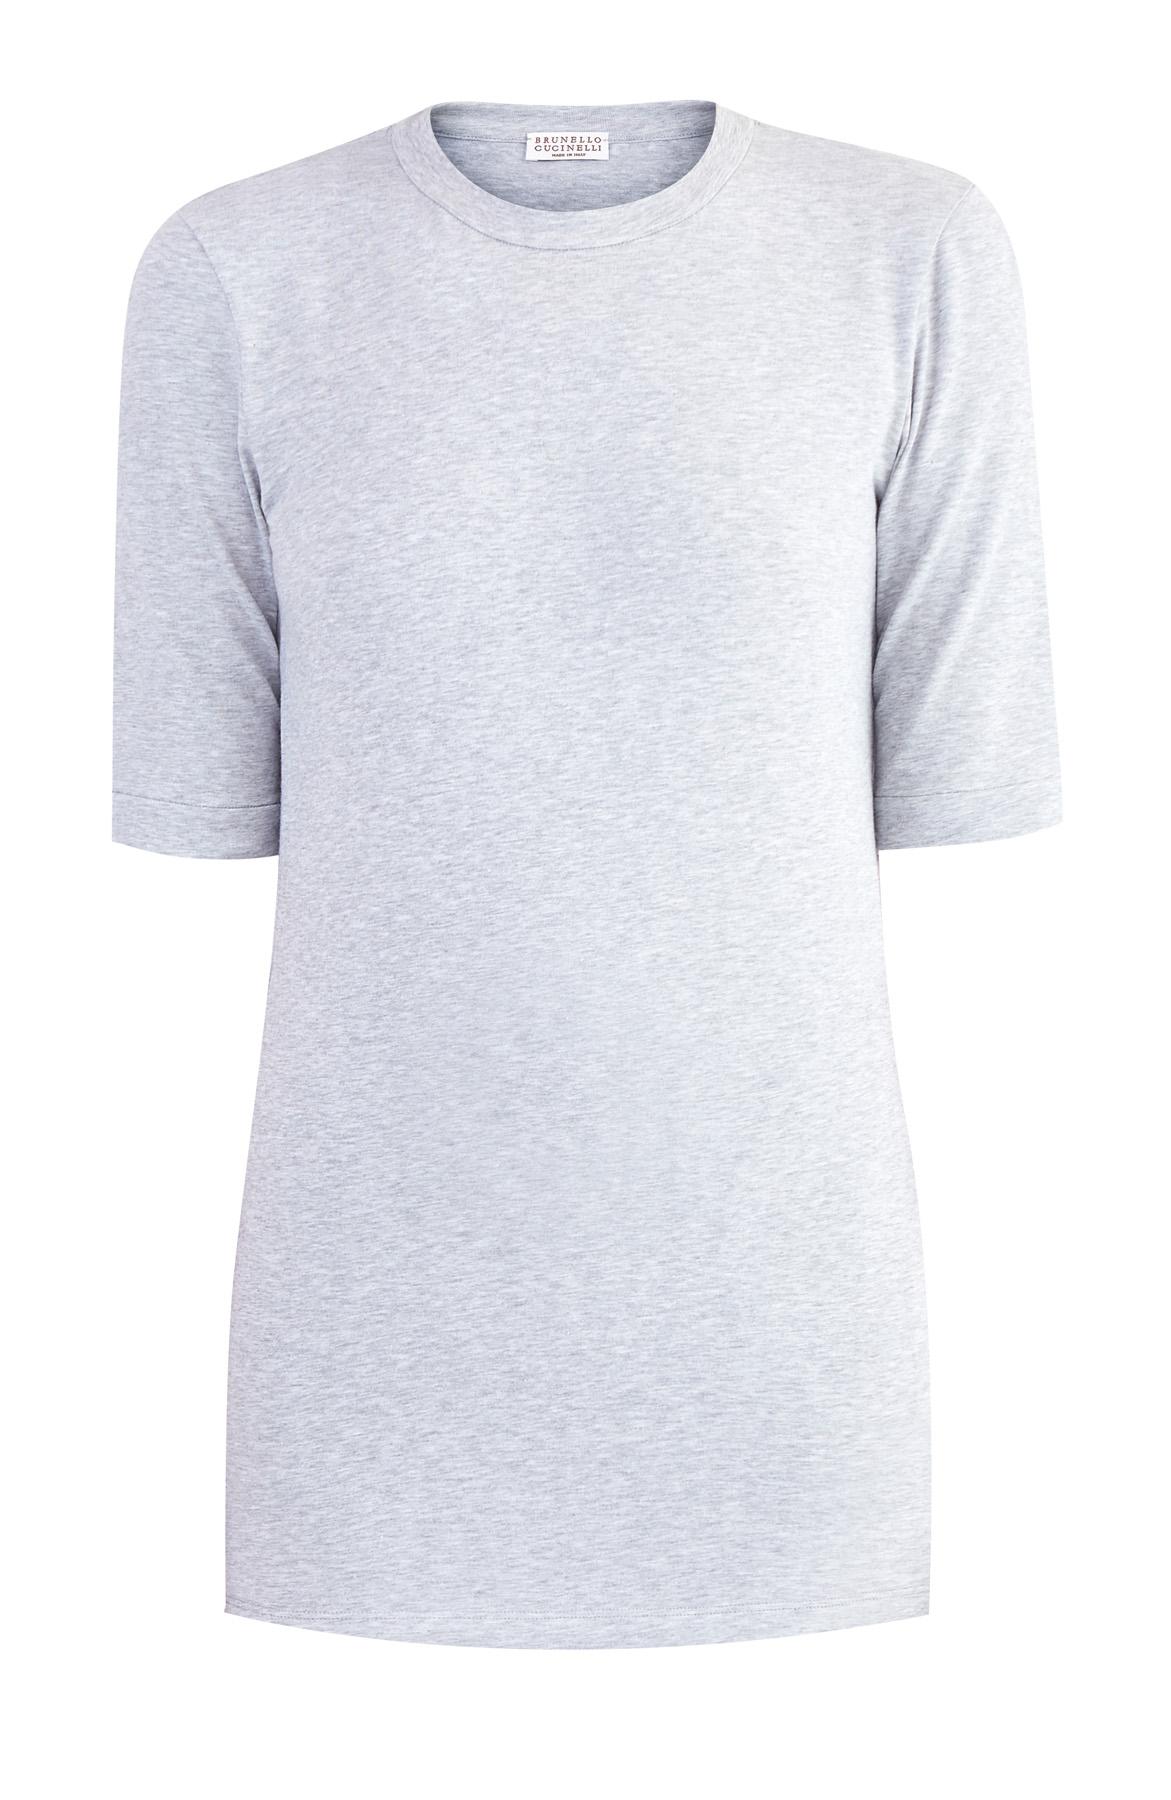 Купить Базовая футболка с удлиненными рукавами, BRUNELLO CUCINELLI, Италия, хлопок 93%, эластан 7%